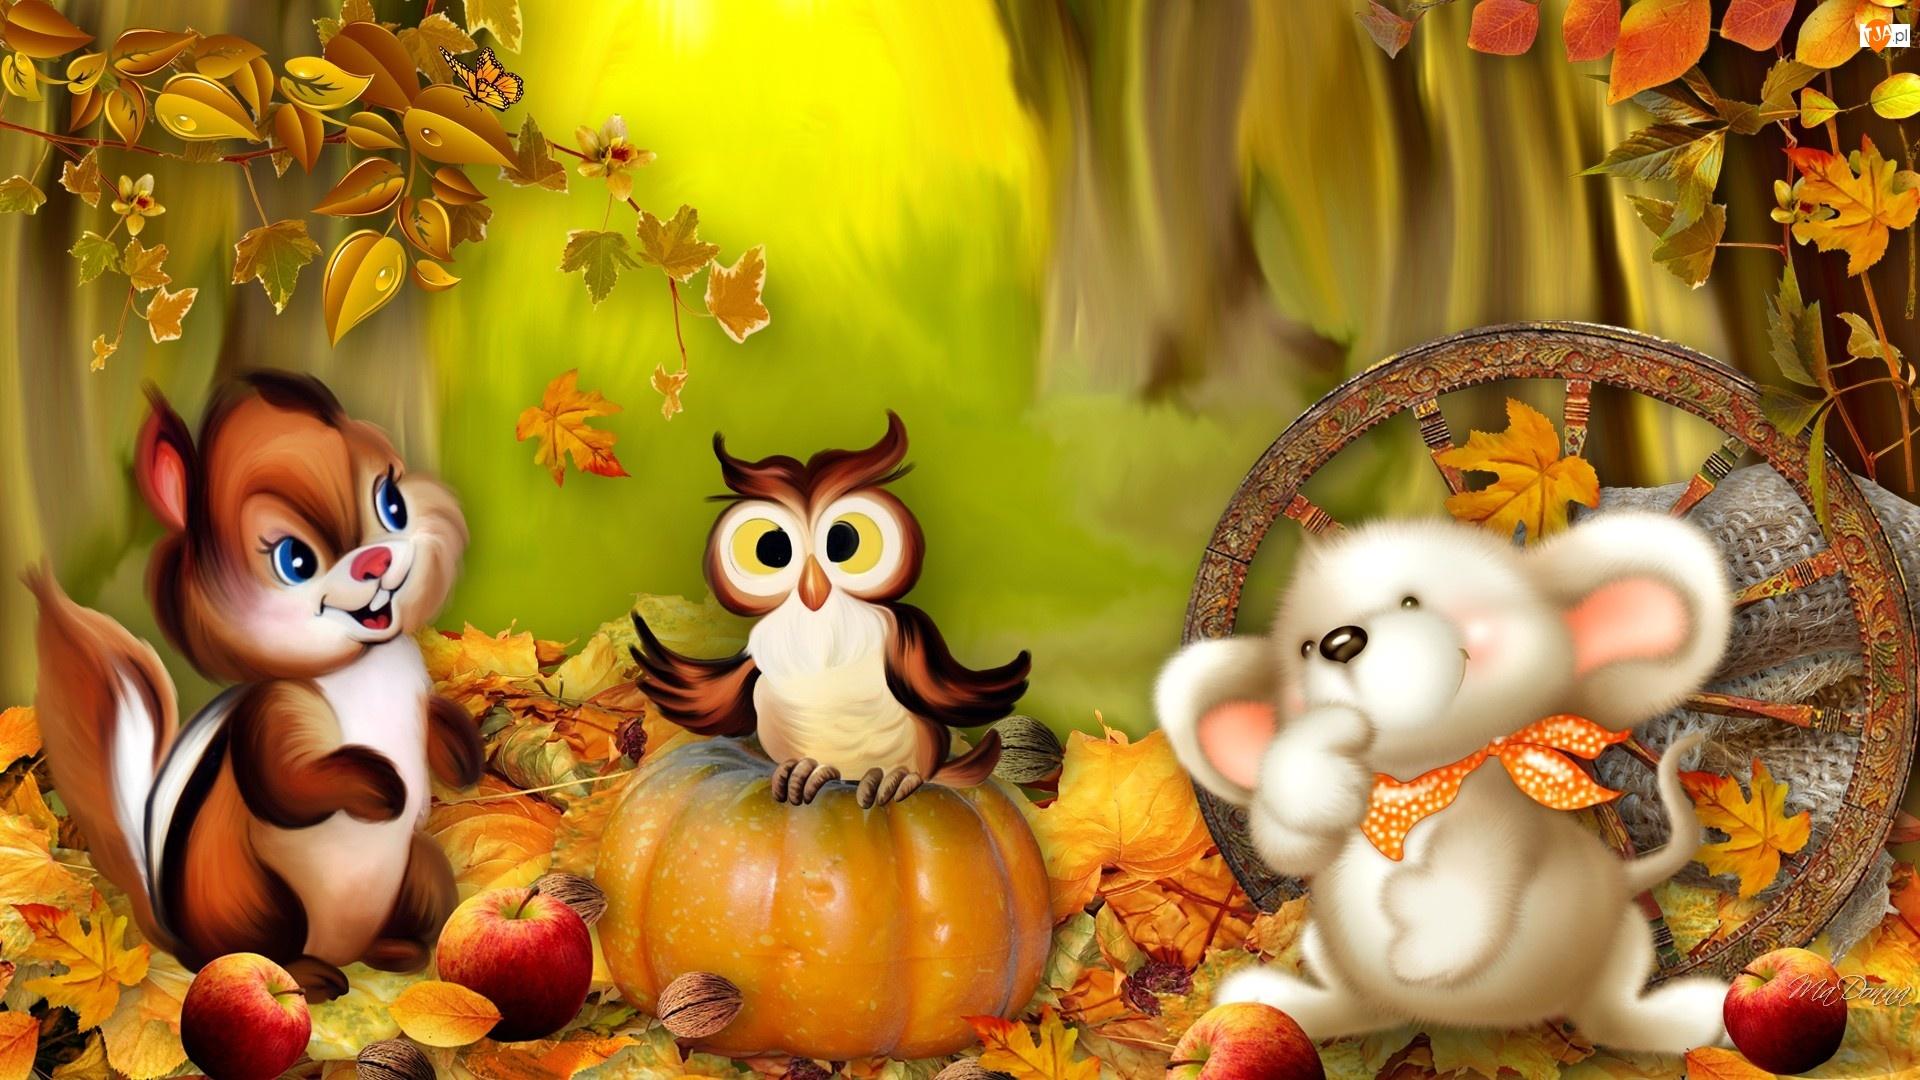 Myszka, Dynia, Wiewiórka, Jabłka, Sowa, Liście